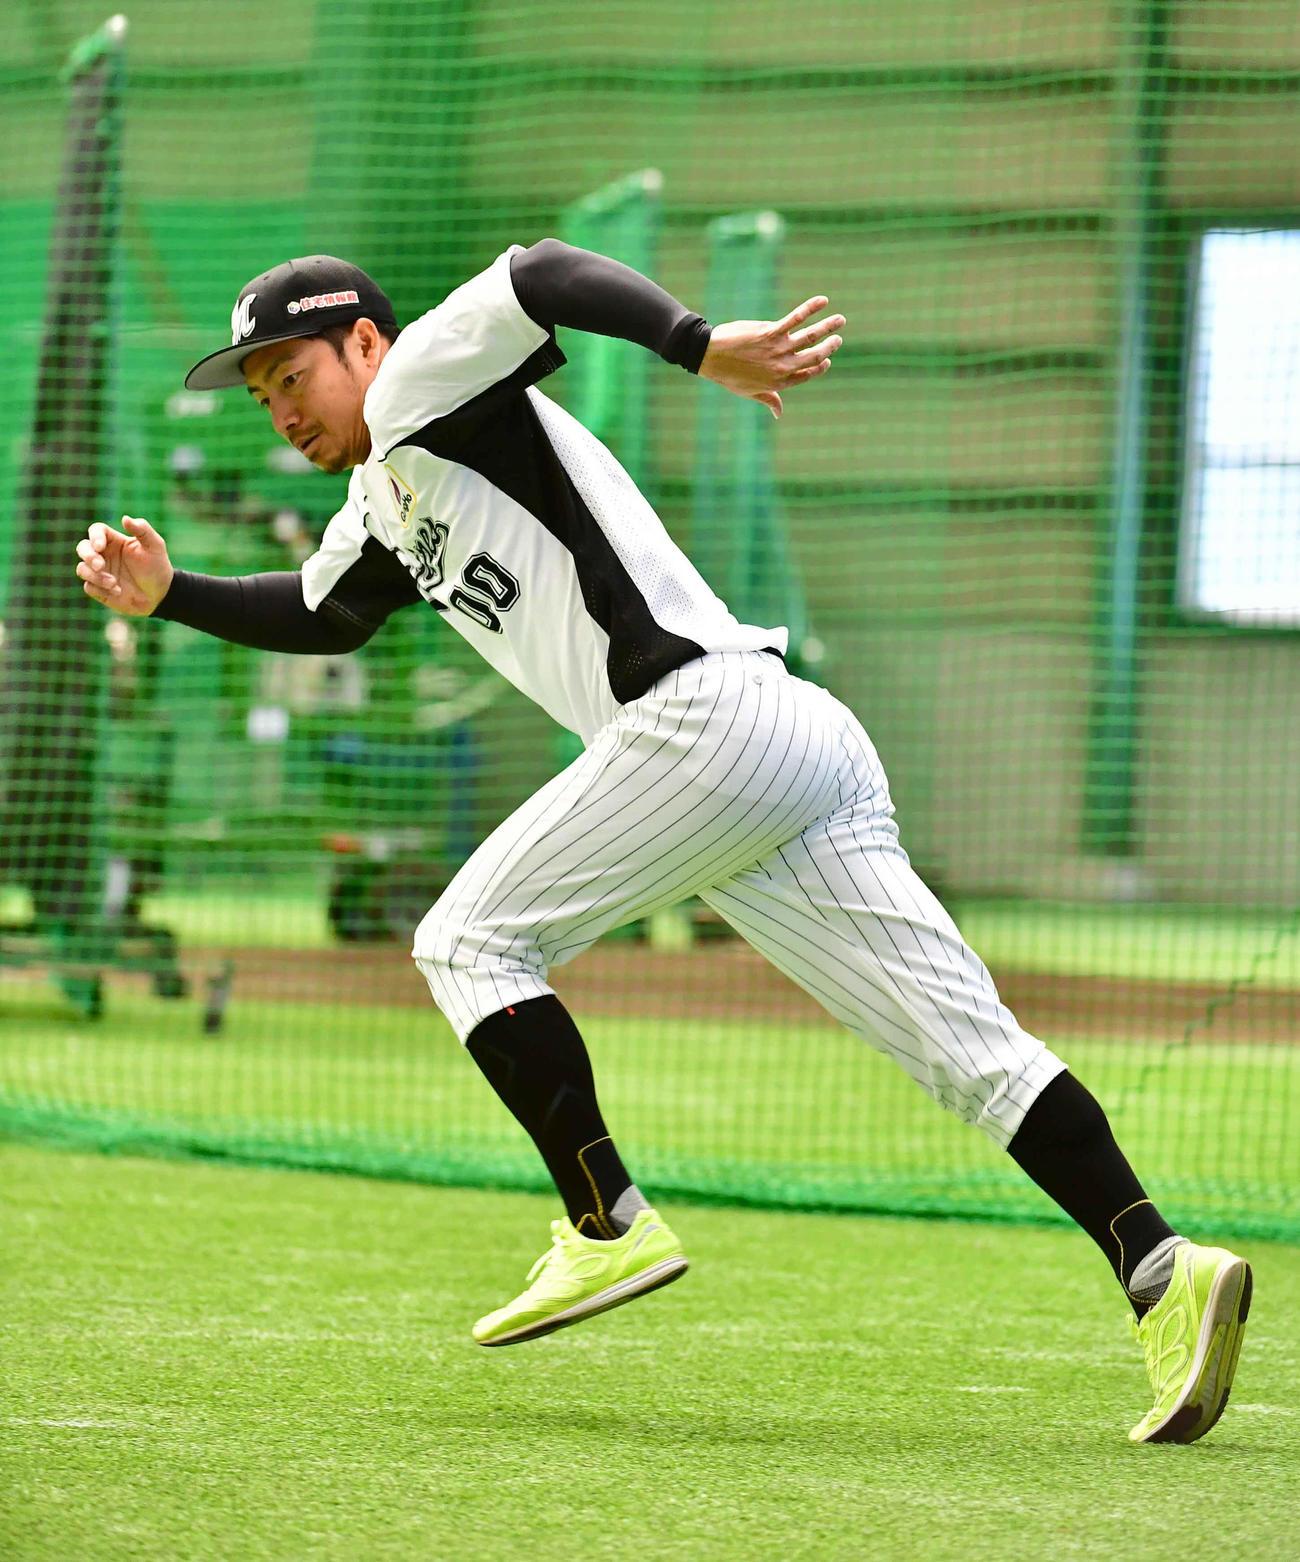 ロッテの練習着に着替えて2軍浦和球場の室内練習場でダッシュする鳥谷(撮影・小沢裕)